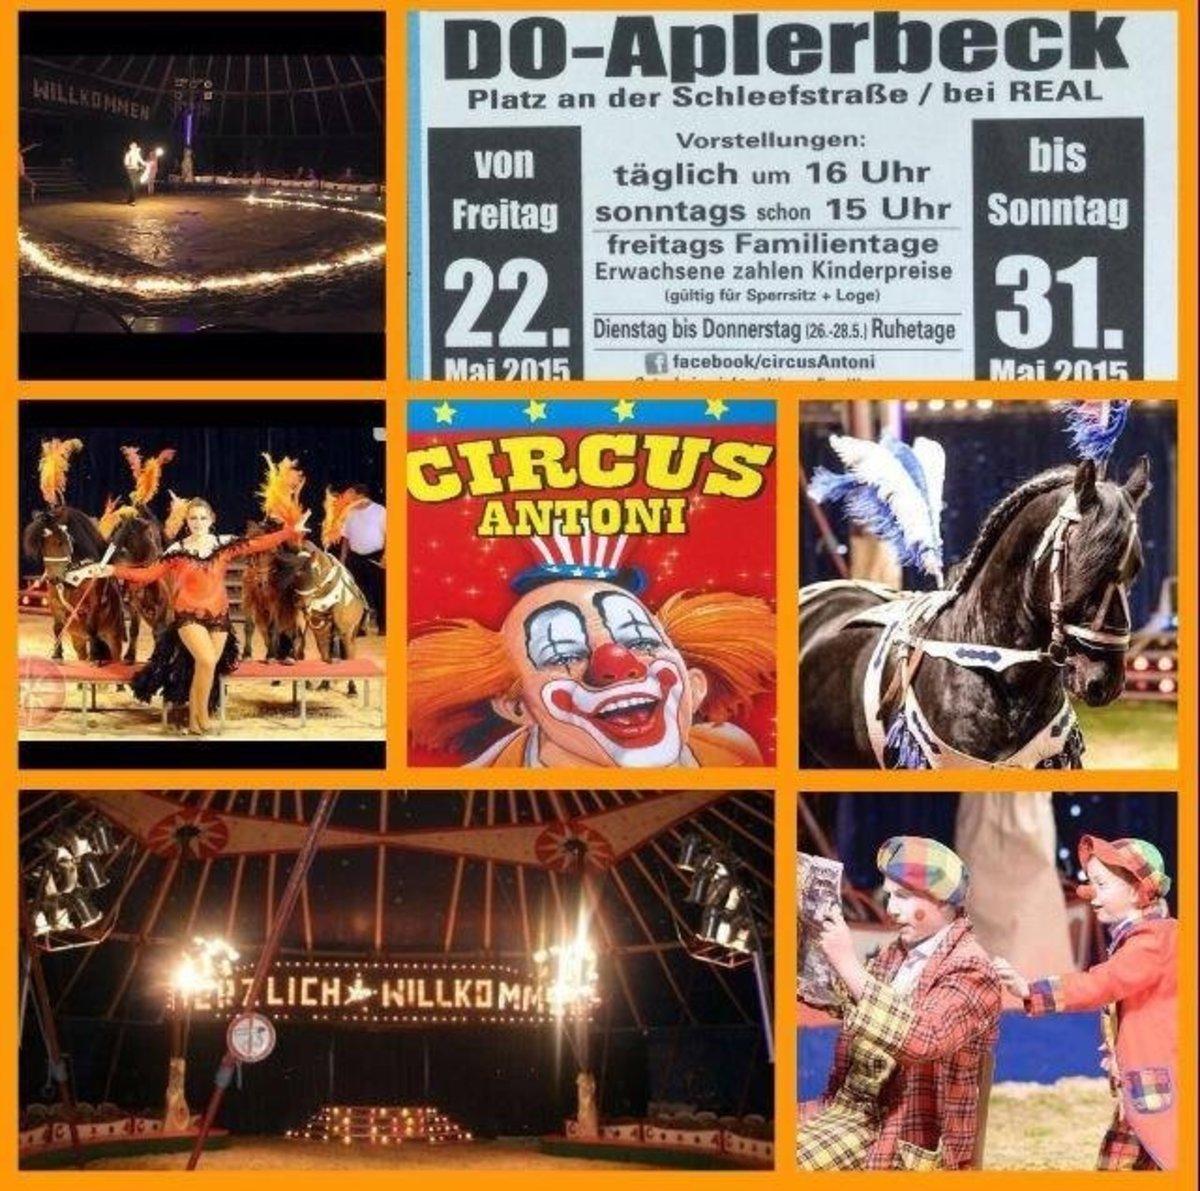 Circus Antoni Zu Gast In Aplerbeck Reservieren Sie Sich Jetzt Ihre